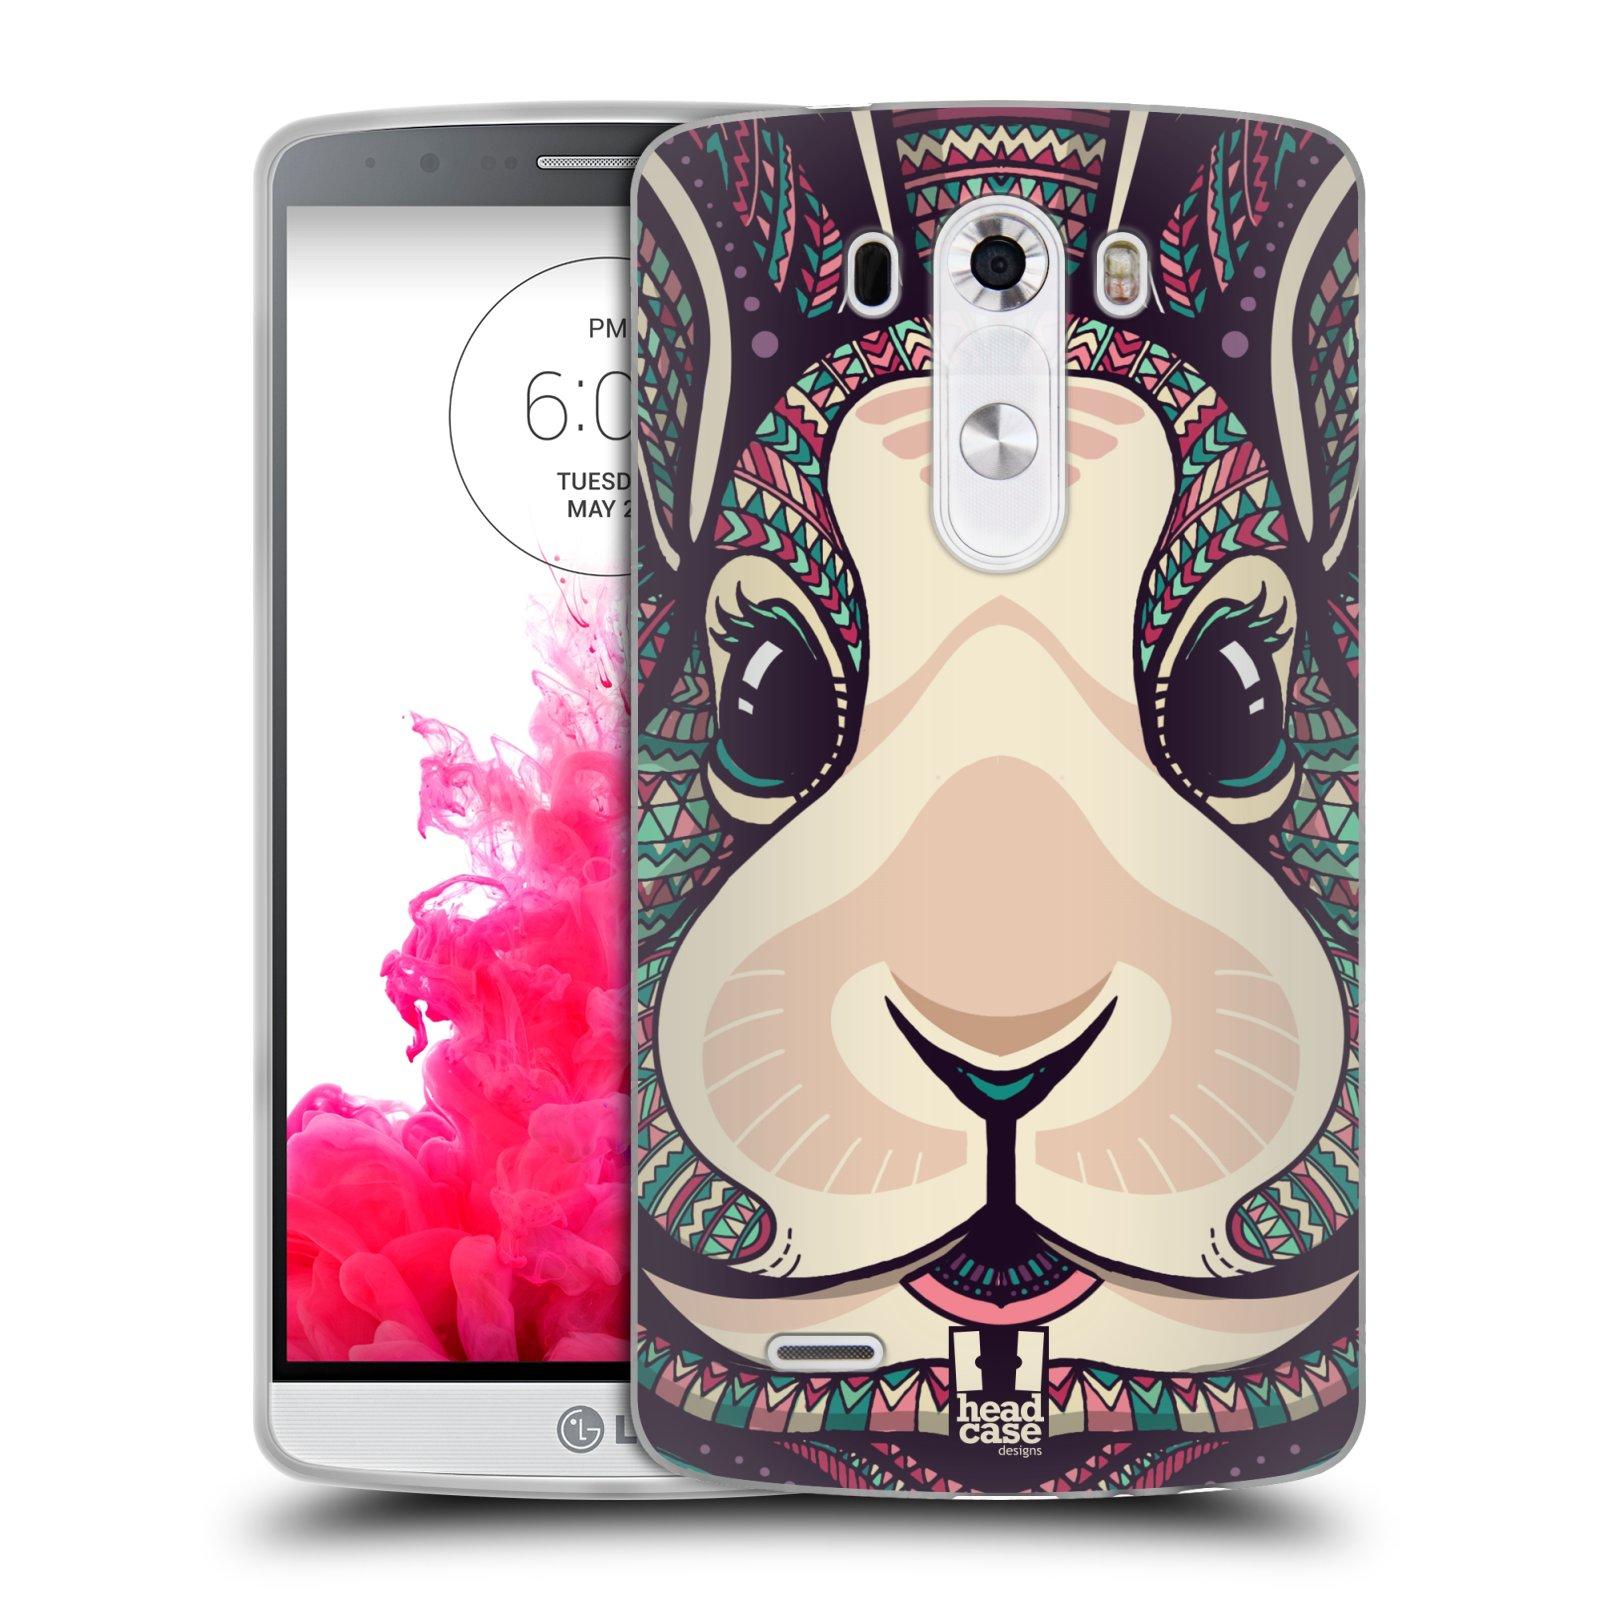 Silikonové pouzdro na mobil LG G3 HEAD CASE AZTEC ZAJÍČEK (Silikonový kryt či obal na mobilní telefon LG G3 D855)